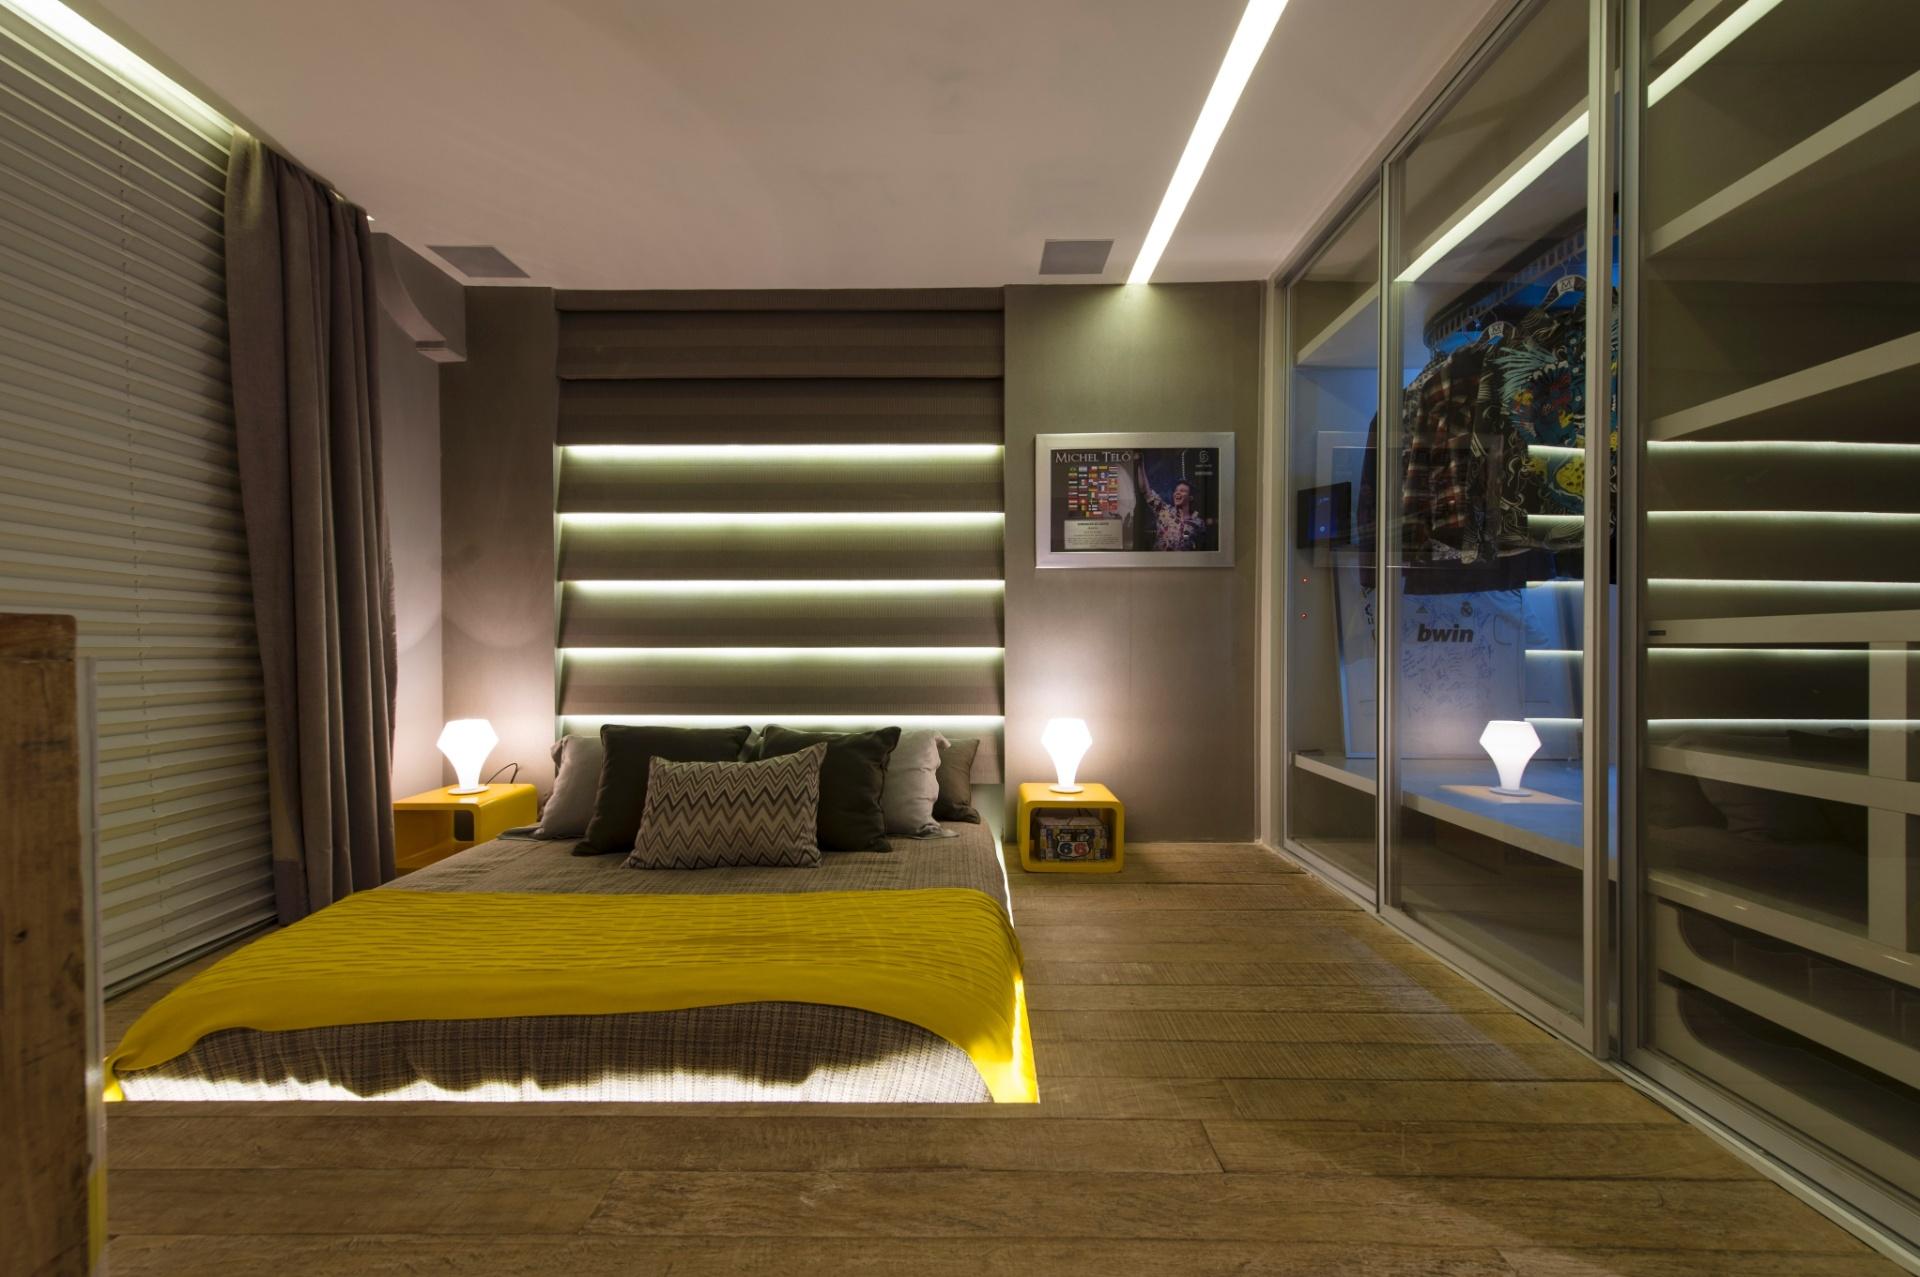 A arquiteta Simone Goltcher assina a suíte em homenagem ao sertanejo Michel Teló. Em 100 m², o ambiente conta com objetos do cantor, fotos e monogramas baseados em uma paleta de cores neutra, quebrada pelo amarelo intenso. Destaque para a estruturação da cama, em um nicho iluminado no chão